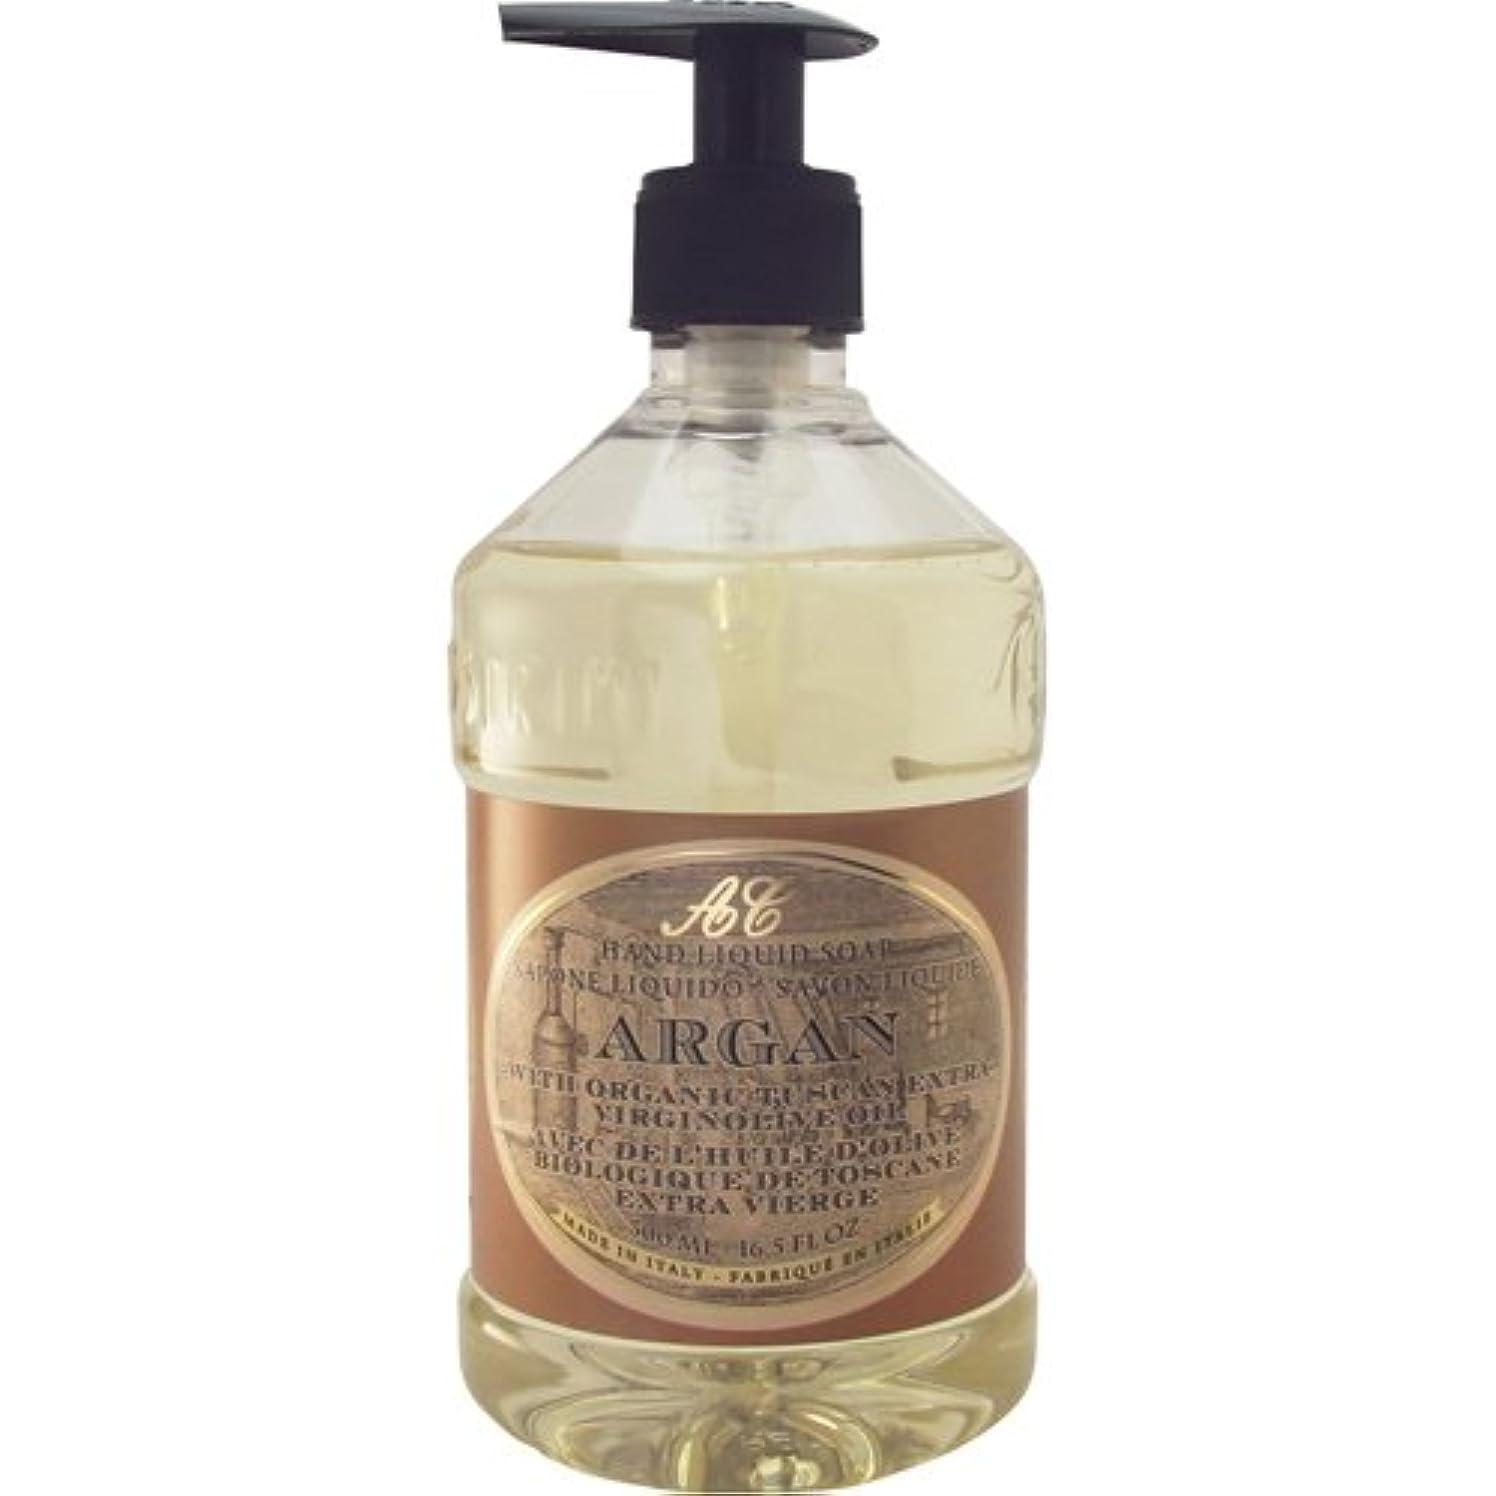 採用する診断する独占Saponerire Fissi レトロシリーズ Liquid Soap リキッドソープ 500ml Argan アルガンオイル